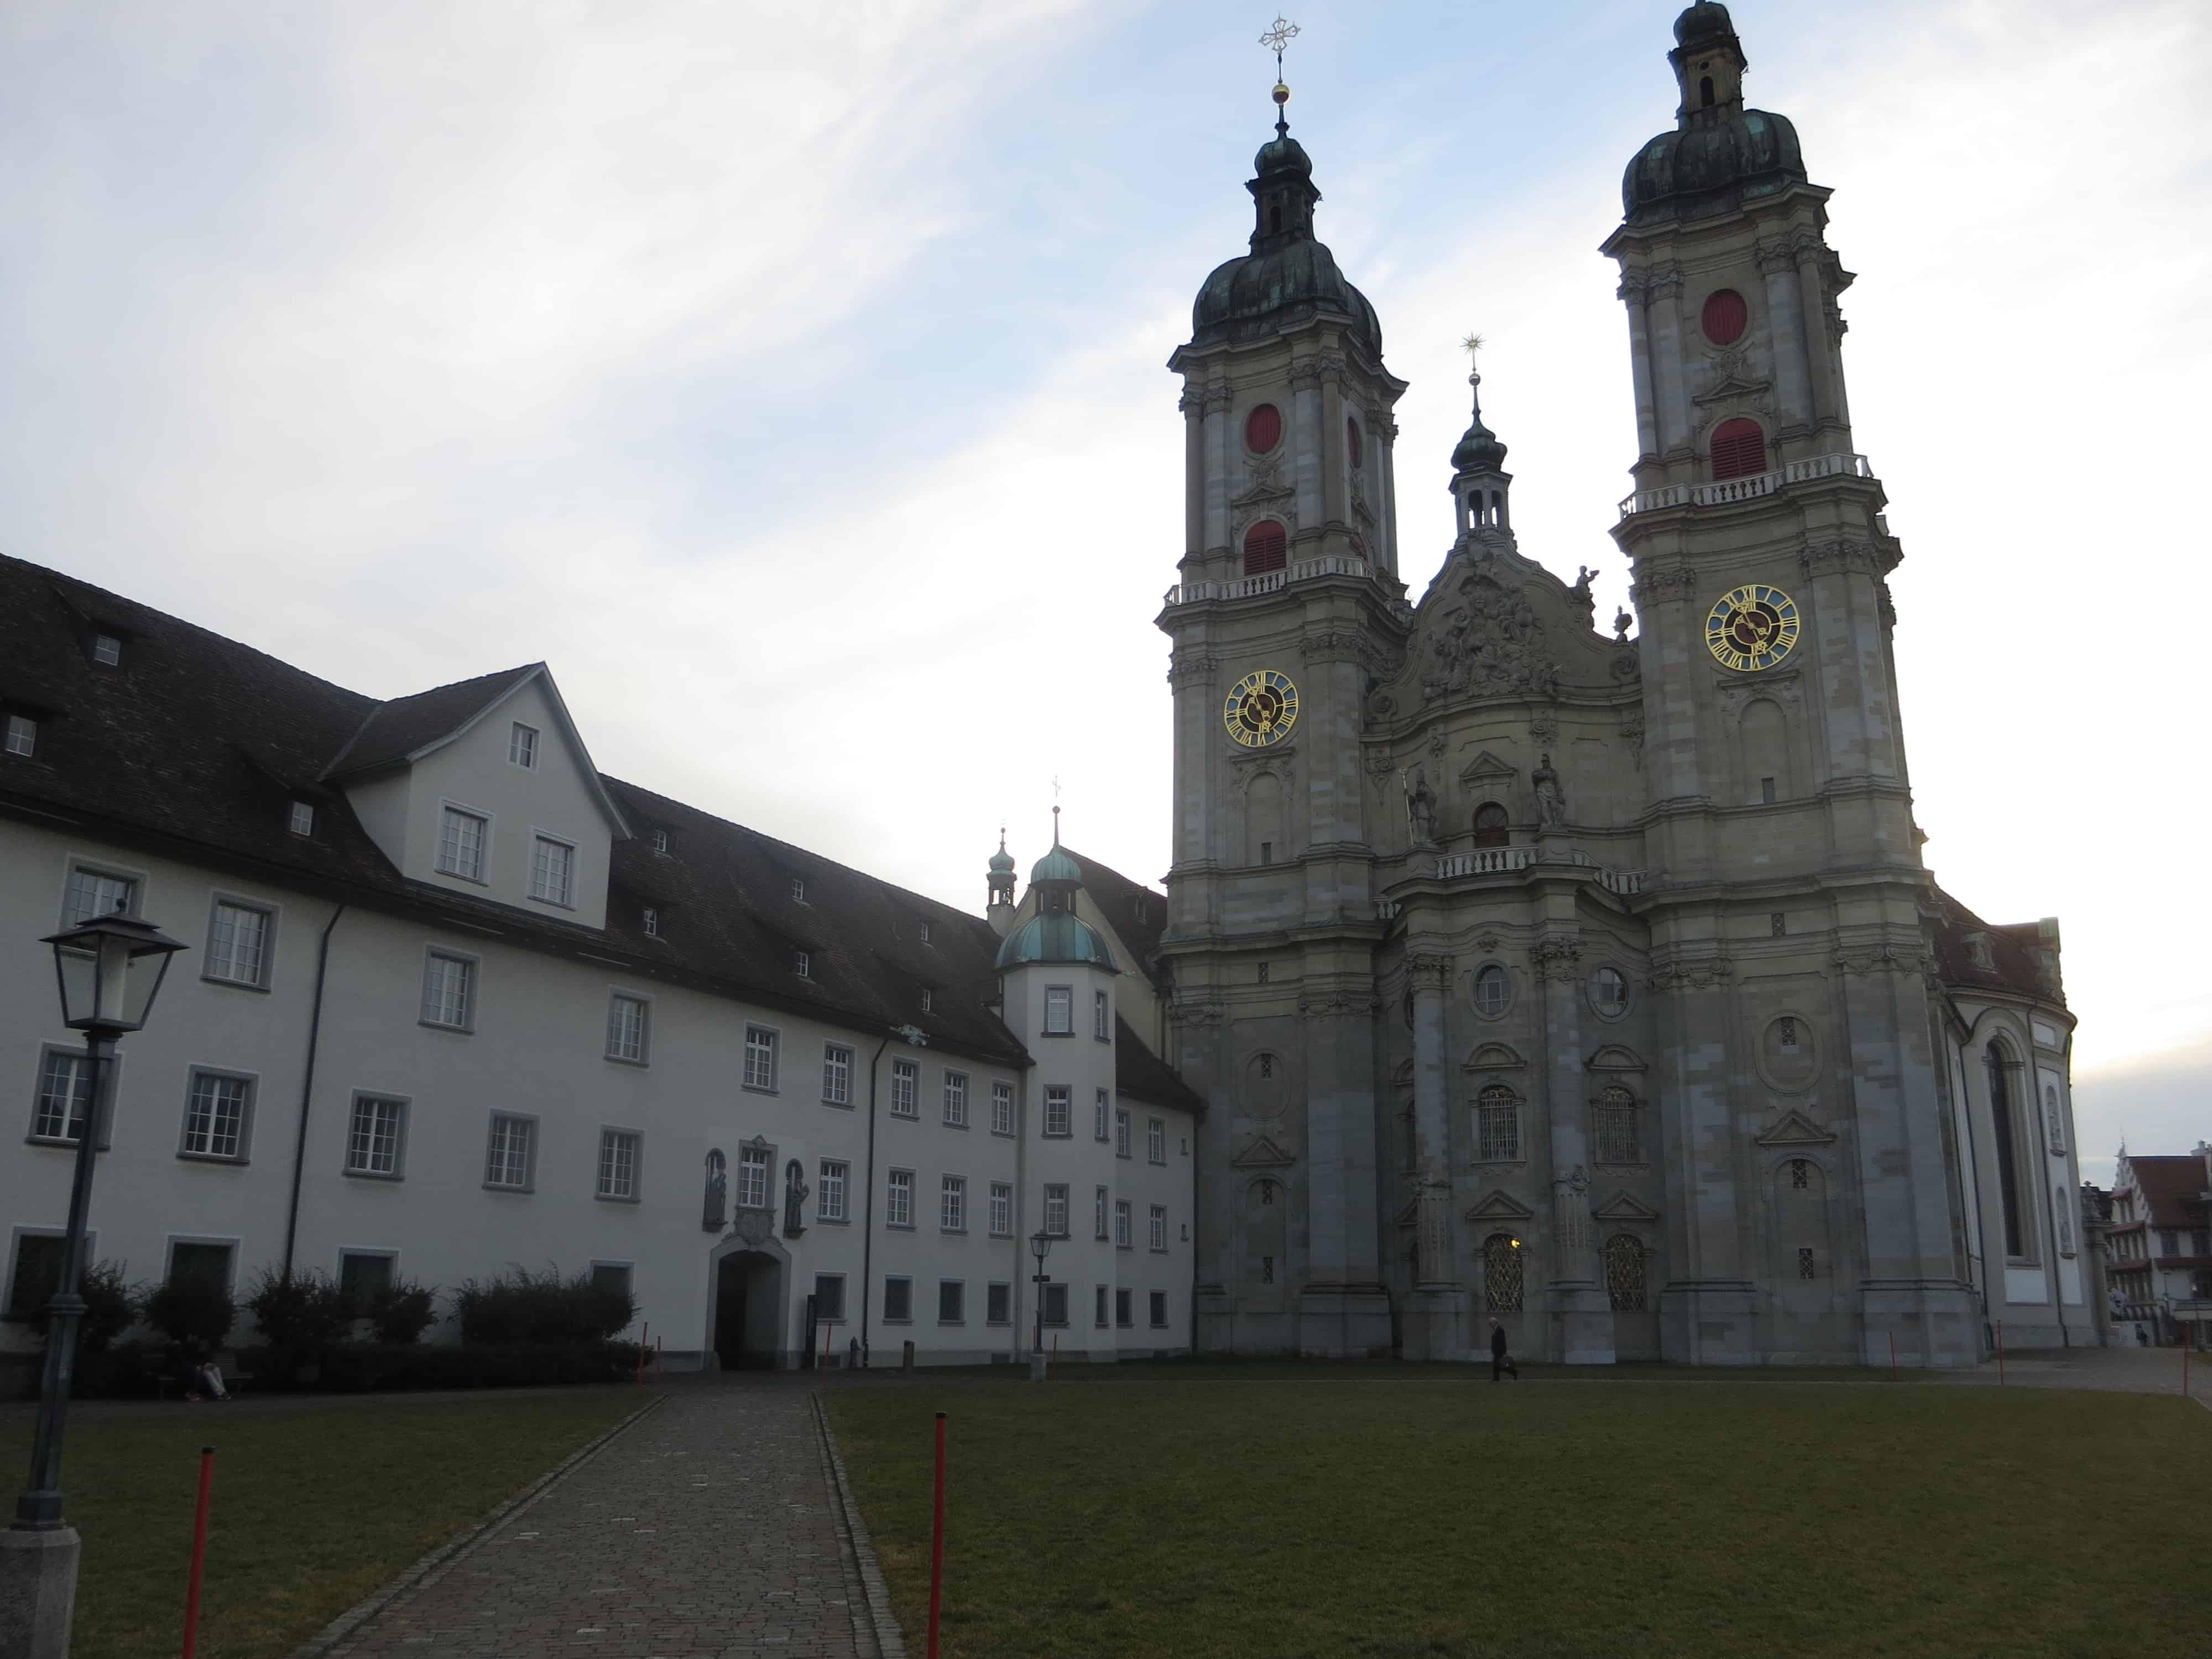 00_Fuerstabtei-Kathedrale-St.Gallen-Schweiz